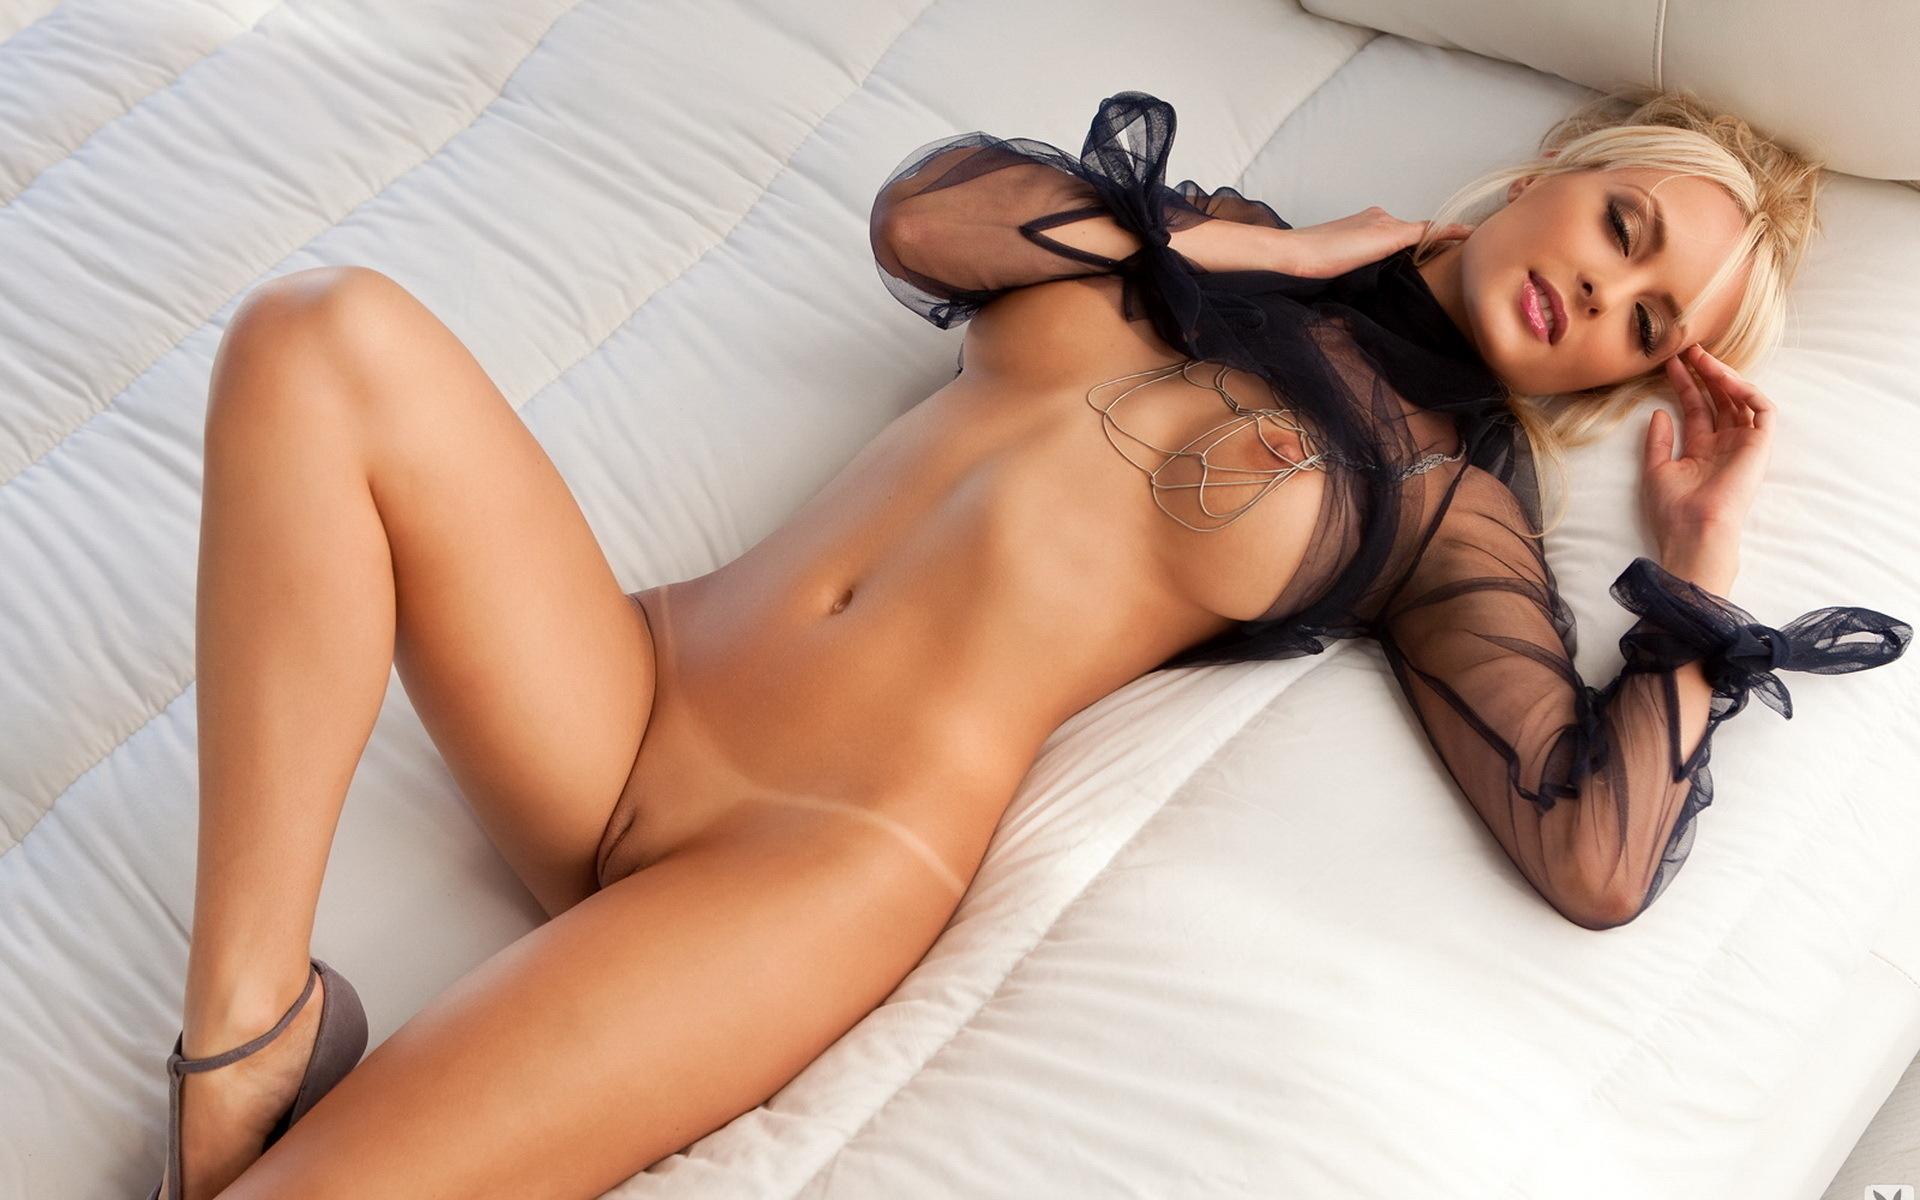 Секс реальных красивых женщины картинки 16 фотография